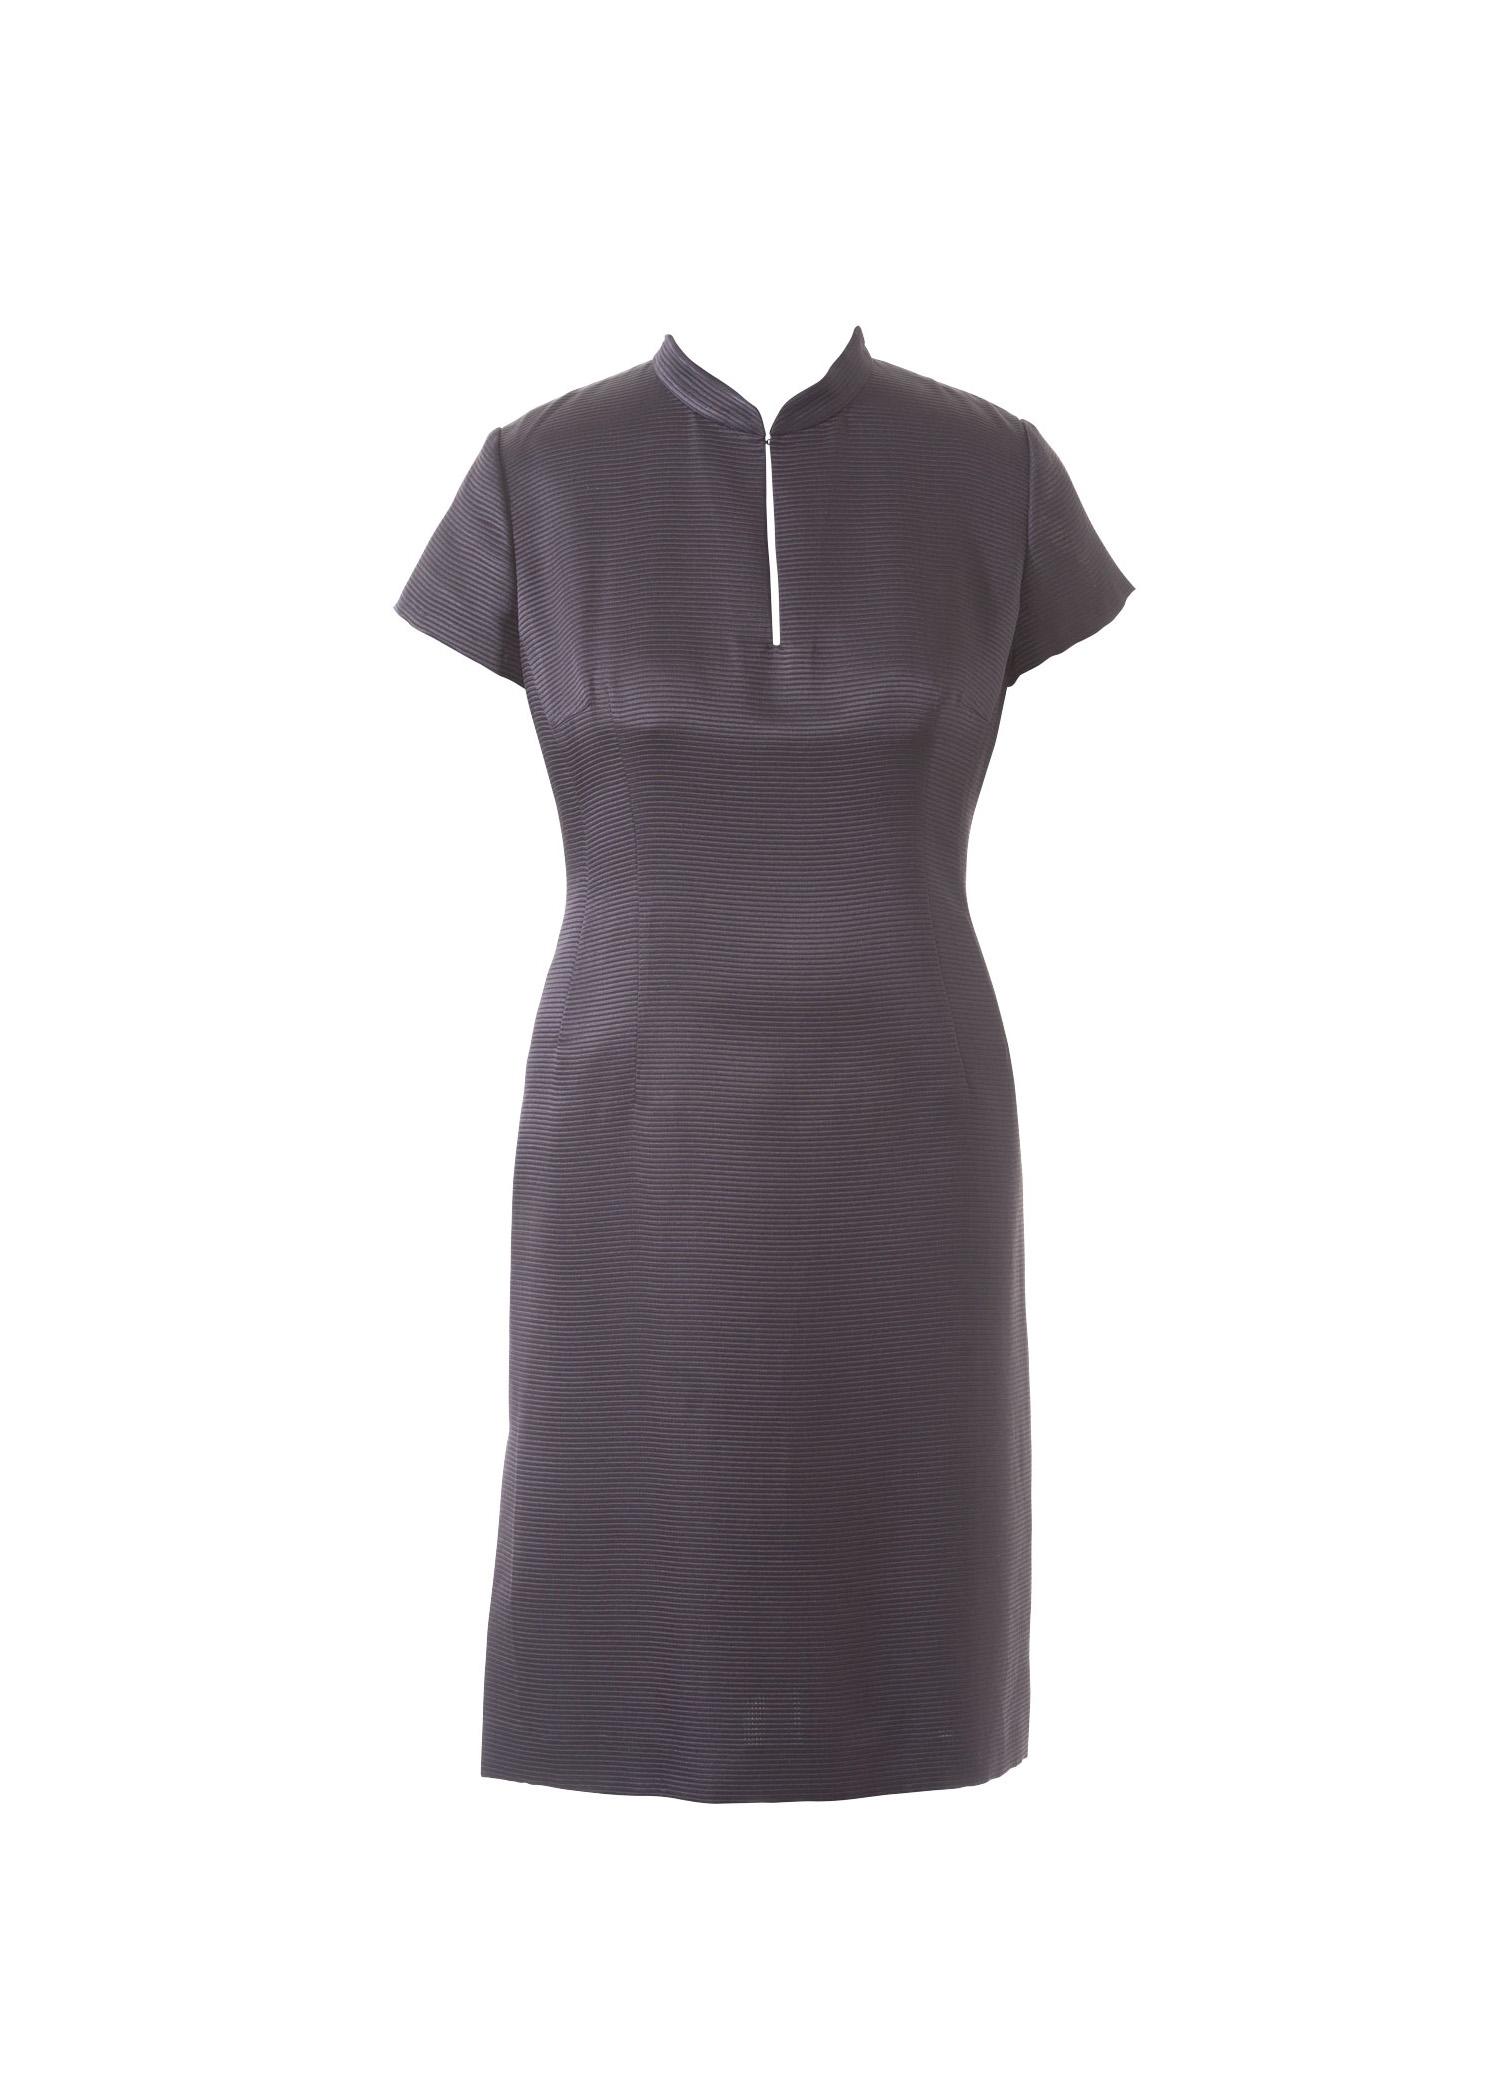 Как сделать воротник-стойка на платье